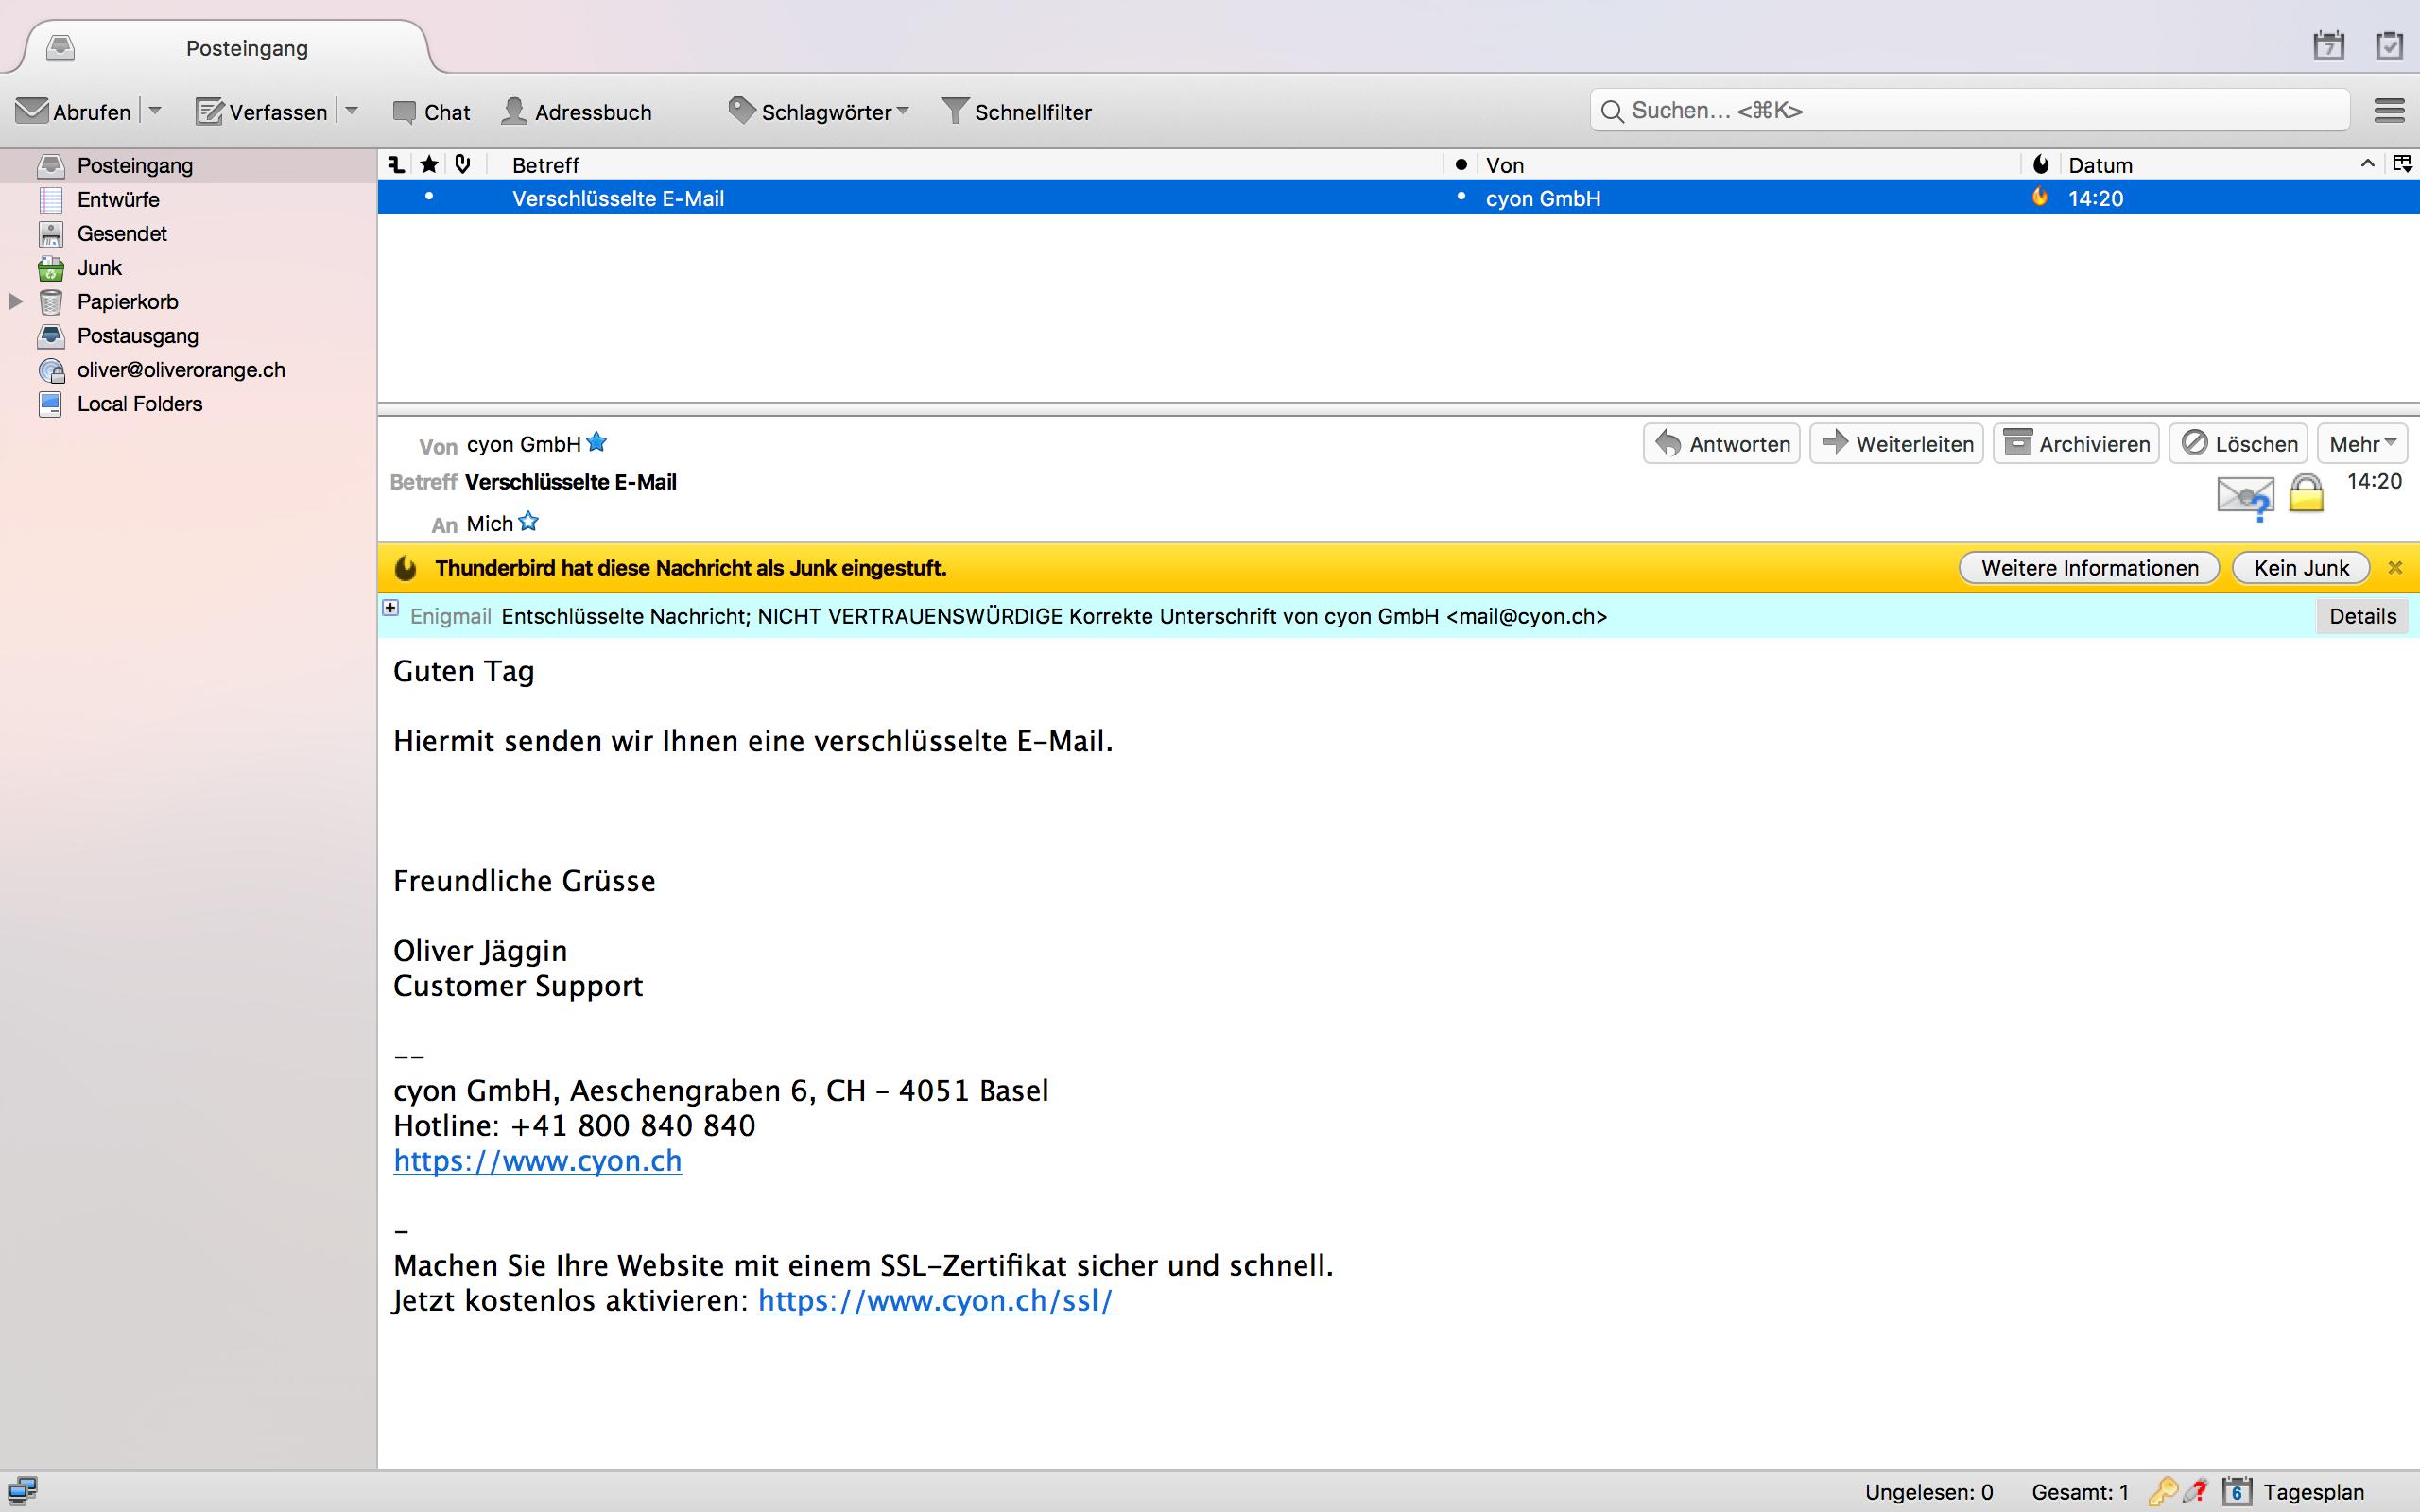 Verschlüsseltes E-Mail empfangen